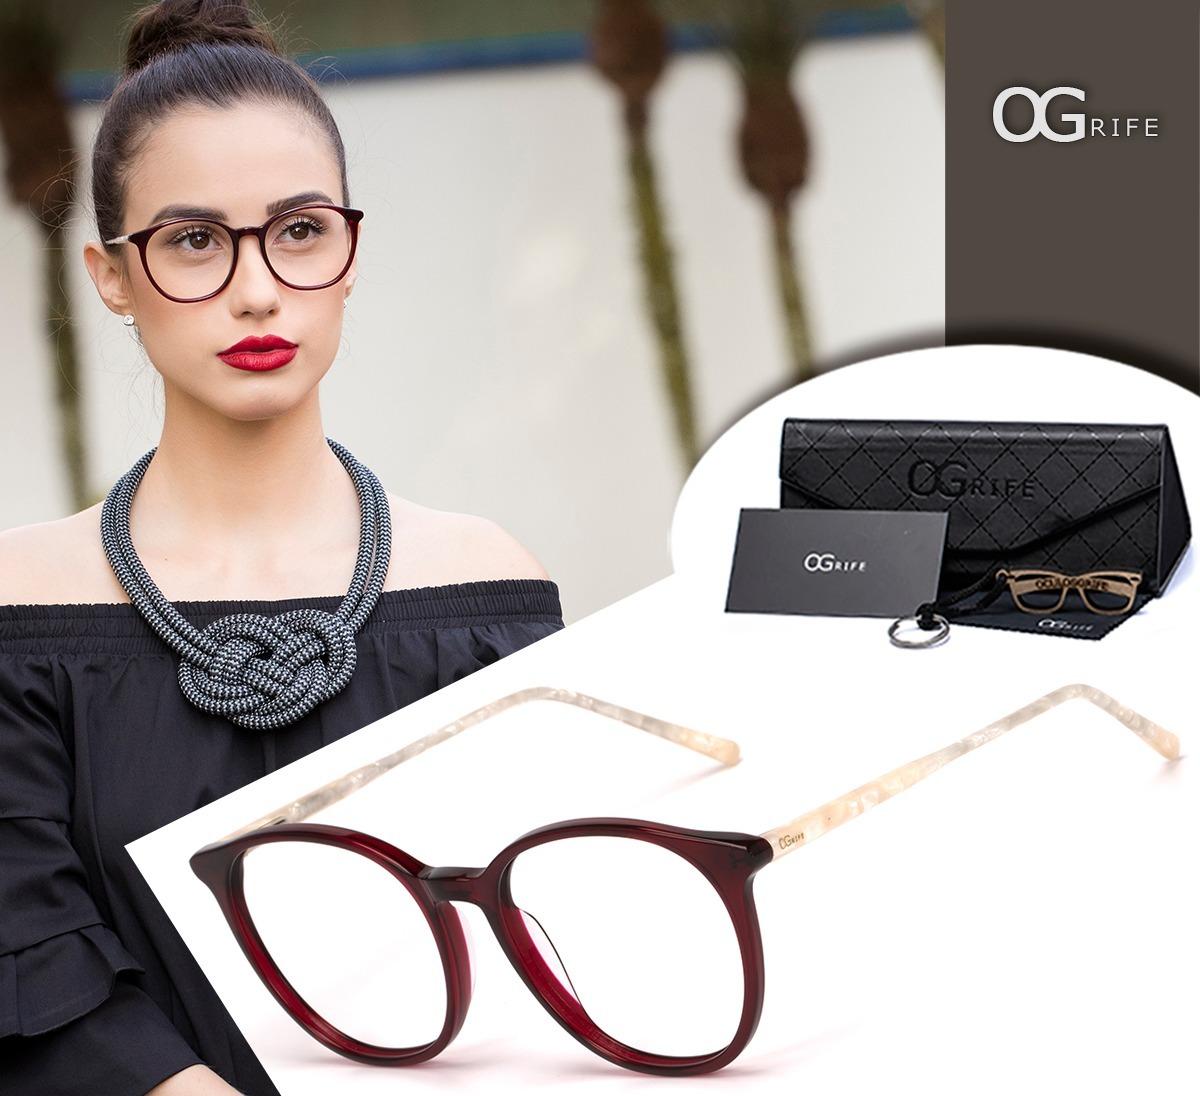 959c8e26d Armação Oculos Ogrife Og 1699-c Acetato Feminino Redondo - R$ 90,00 ...